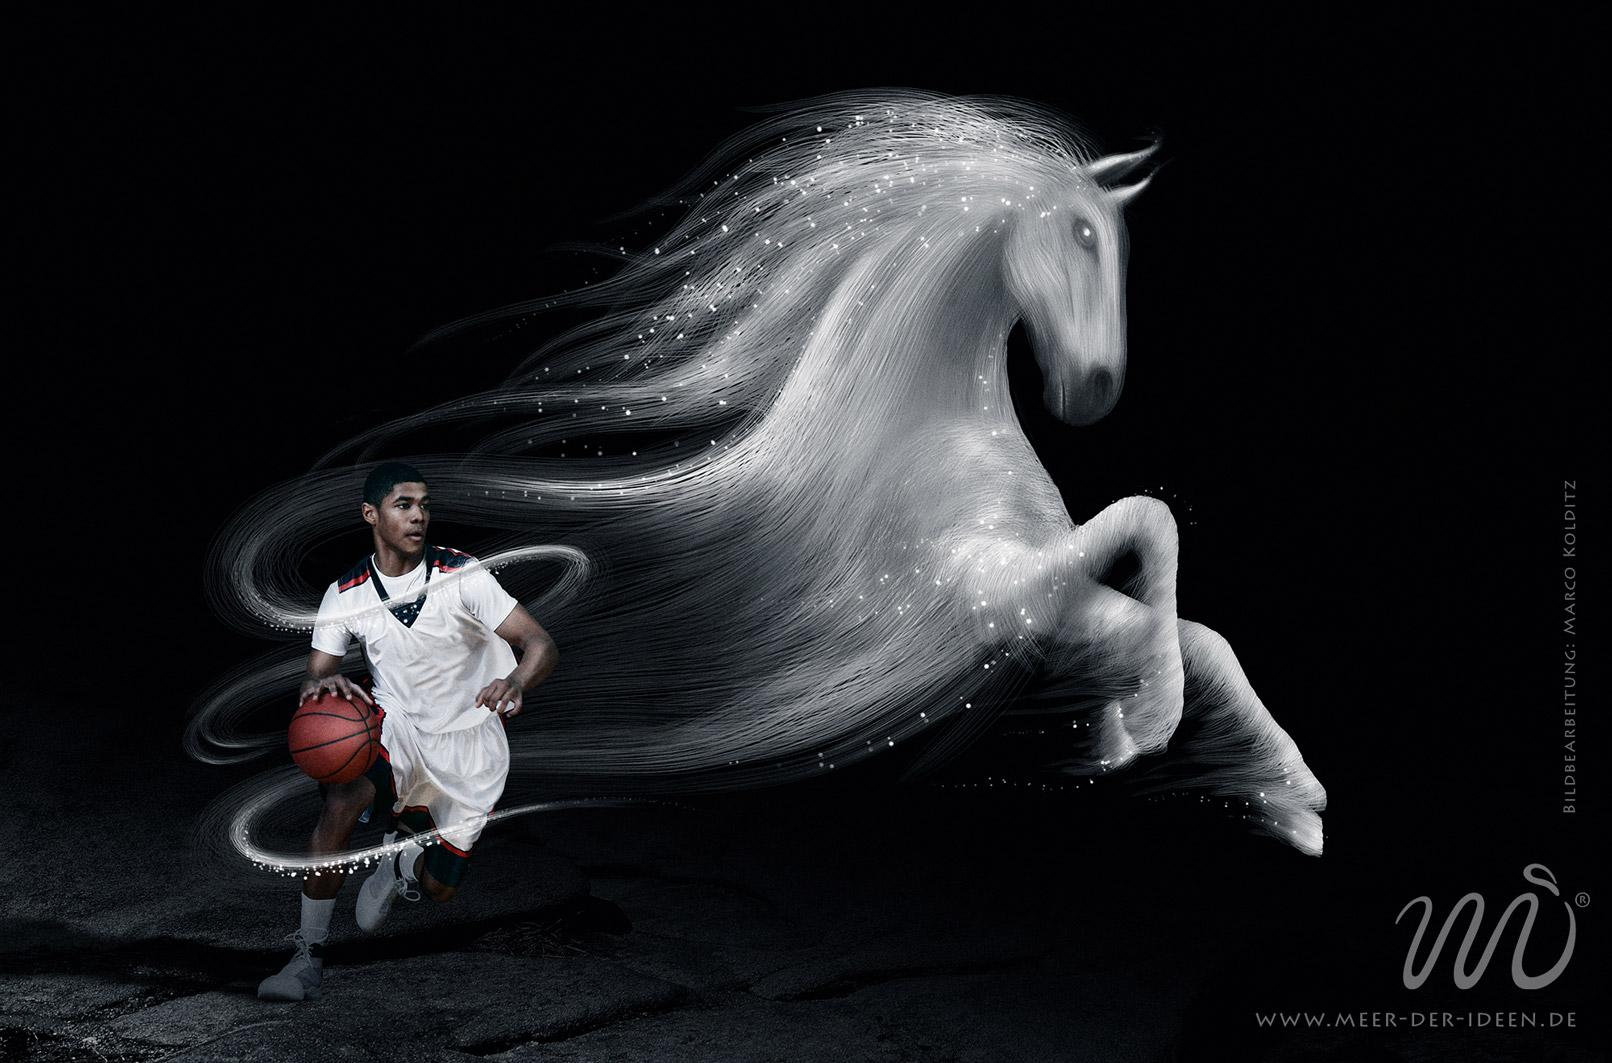 Photoshop-Composing mit einem Basketballer und einem Pferd, das den Sportsgeist darstellt.